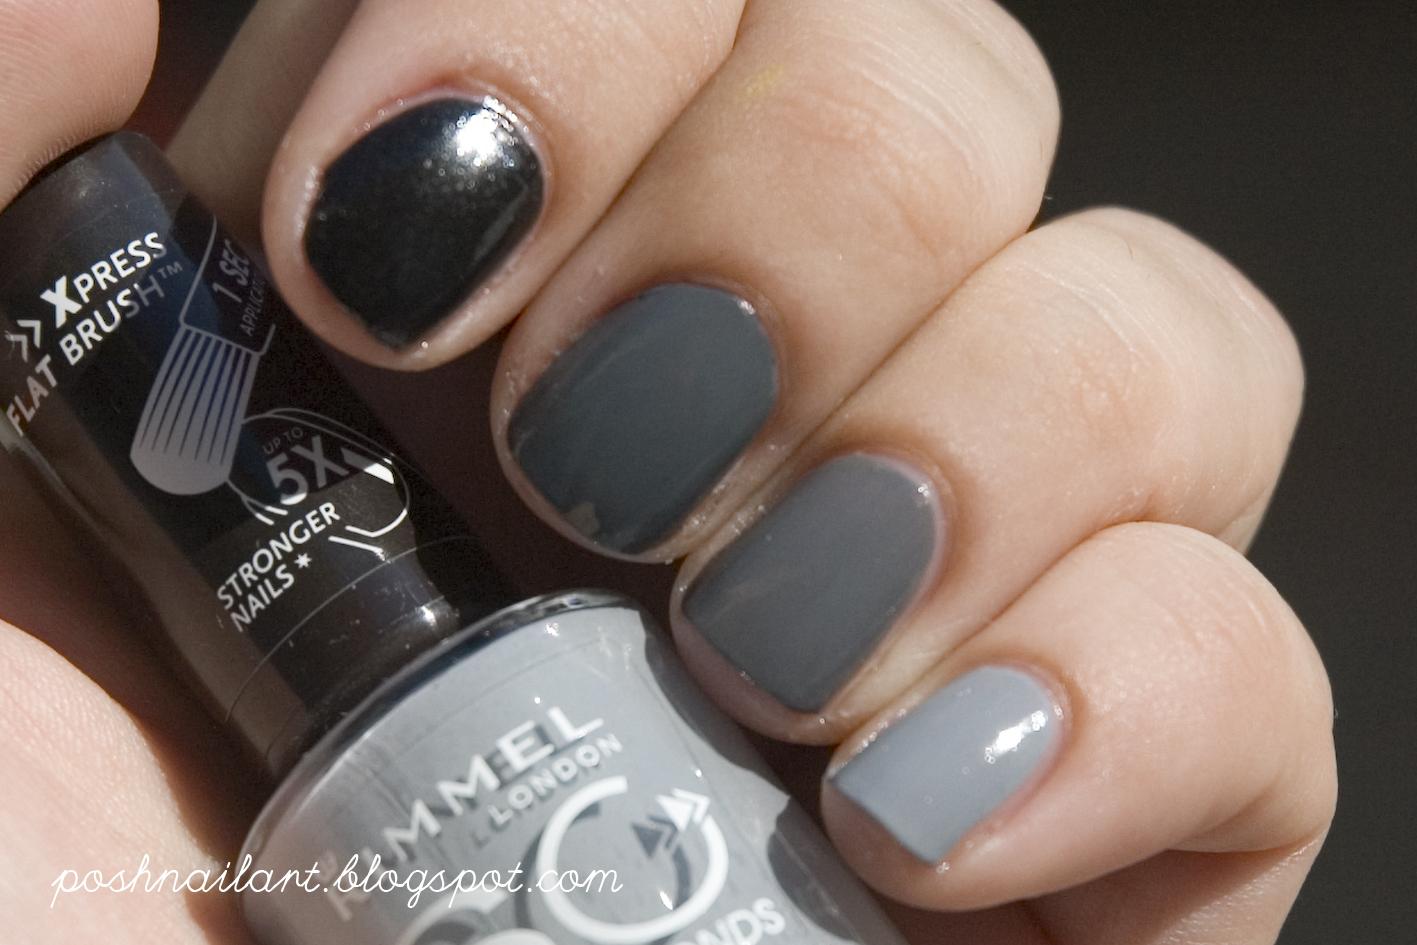 Posh Nail Art: 50 Shades of Grey Mani